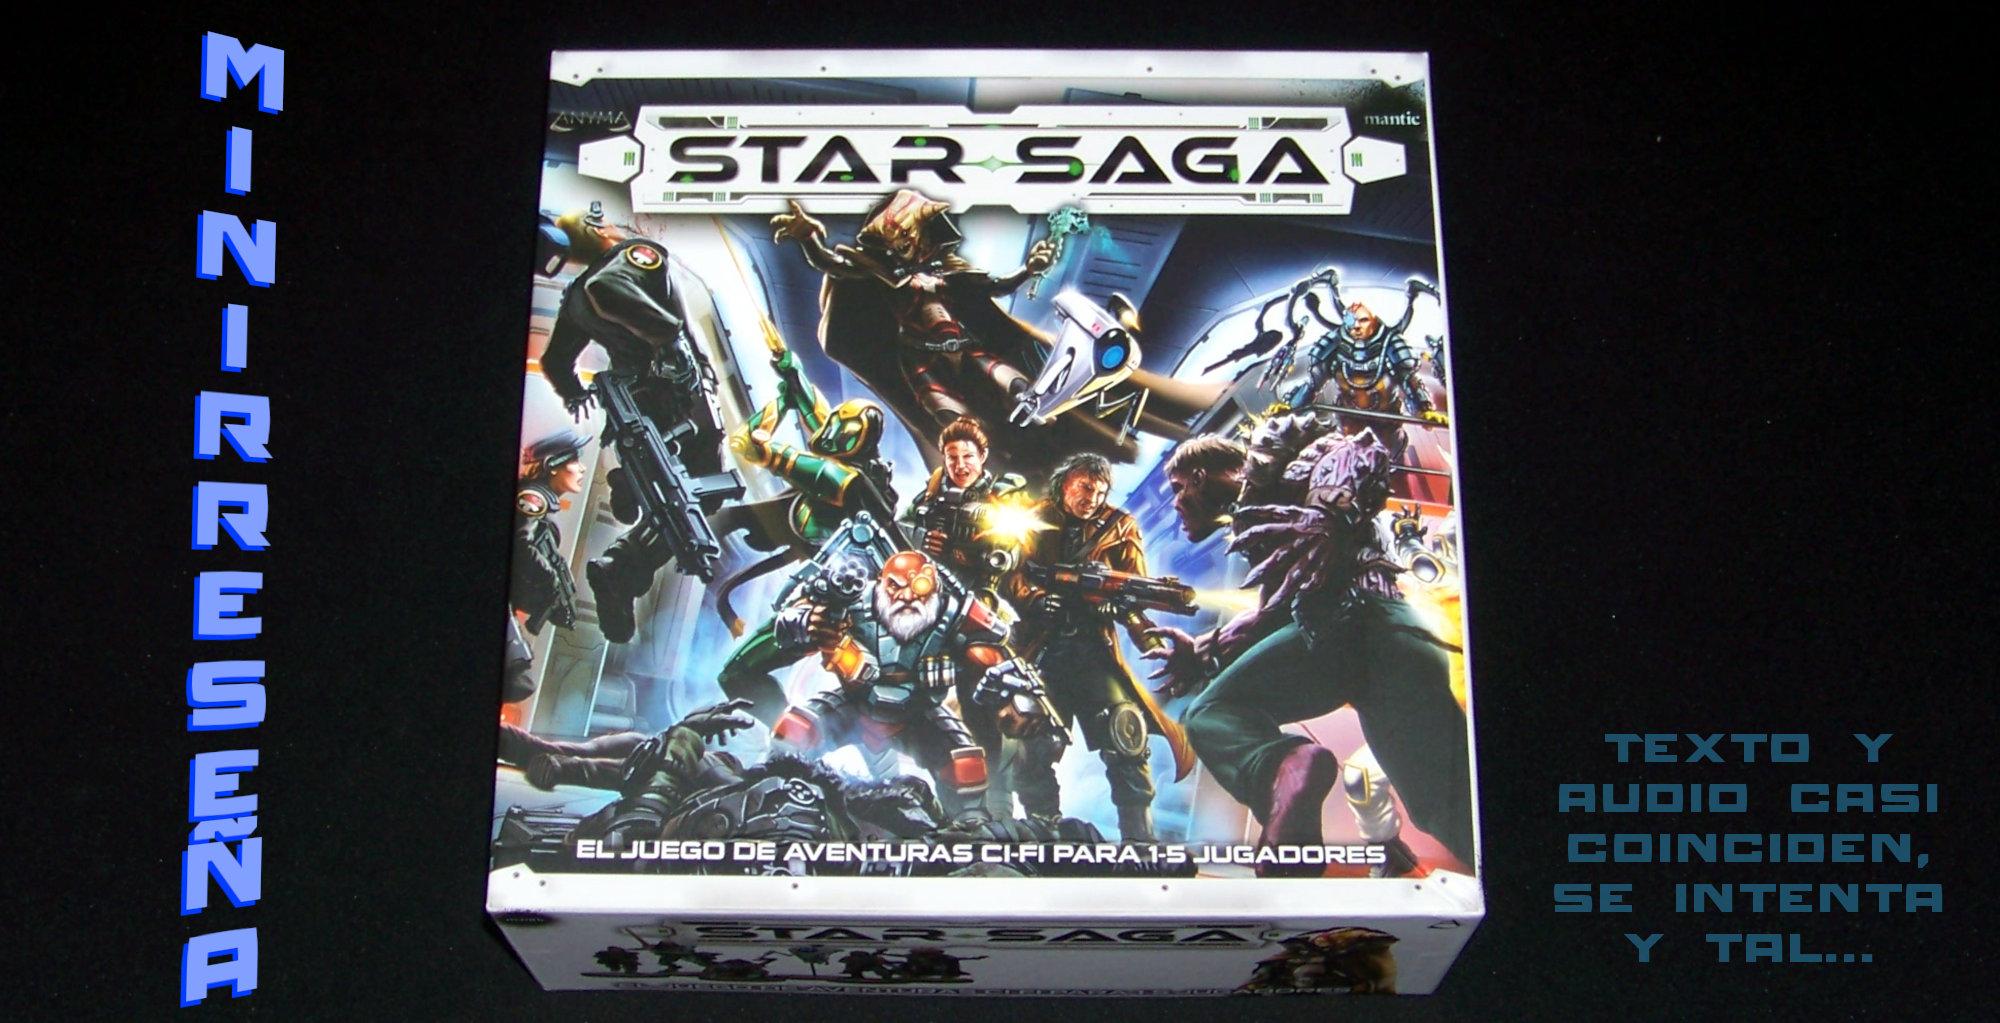 Star Saga - Carátula y título